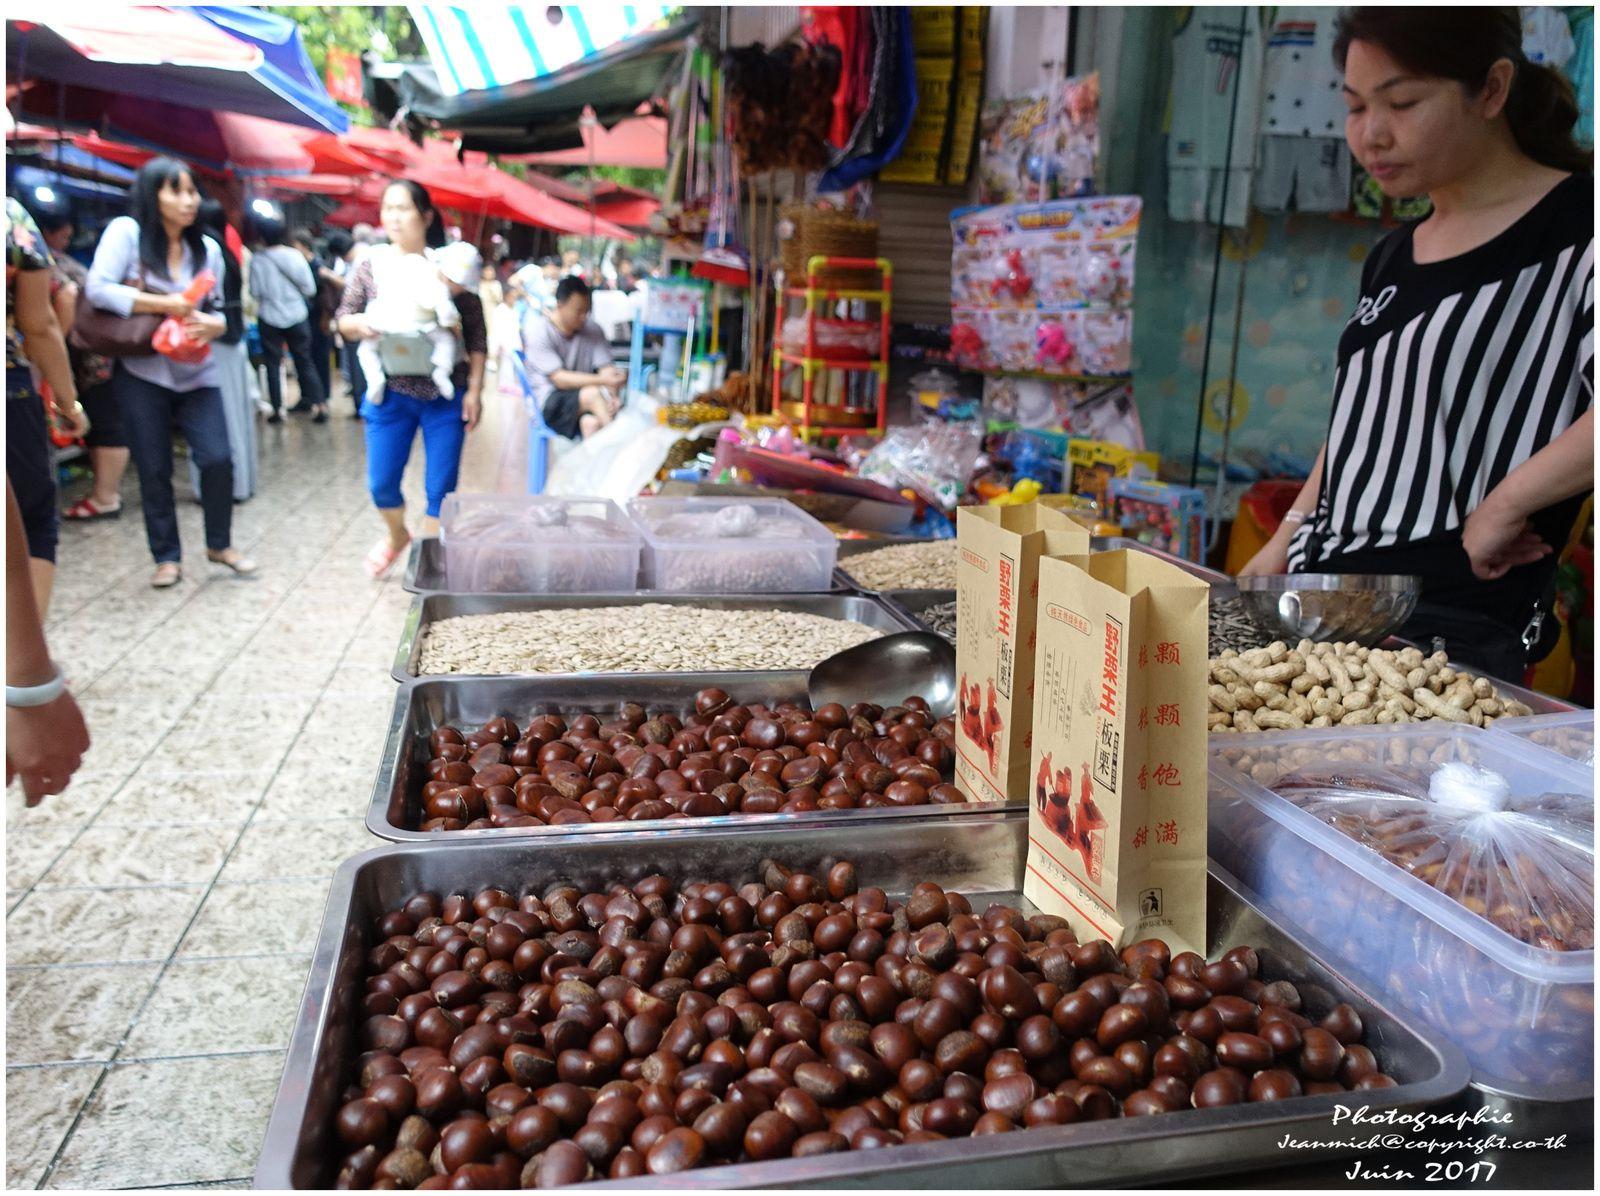 Cacahuètes, noix, soja, légumes et marrons.